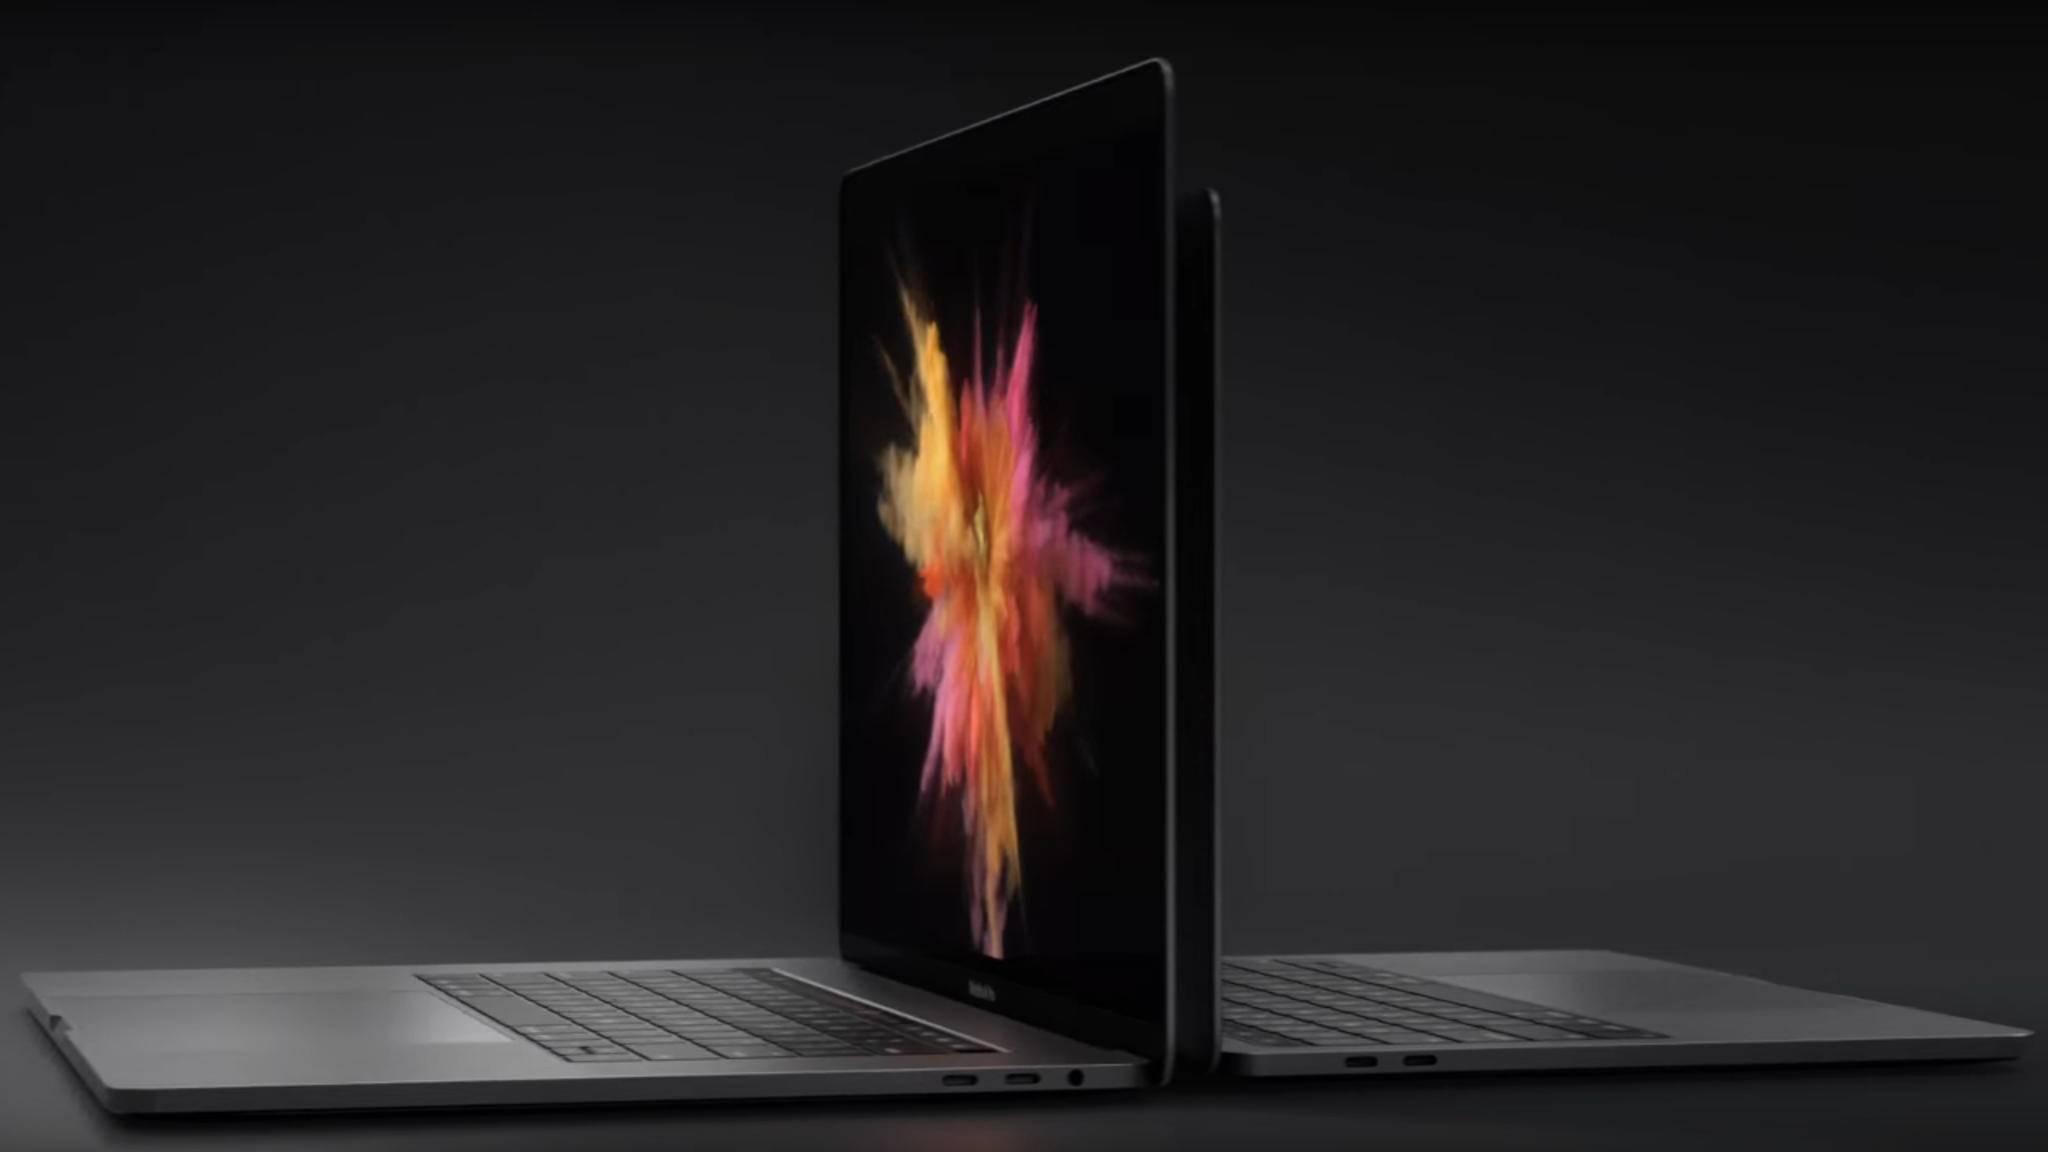 Das neue MacBook Pro hat nur USB-Typ-C-Anschlüsse.